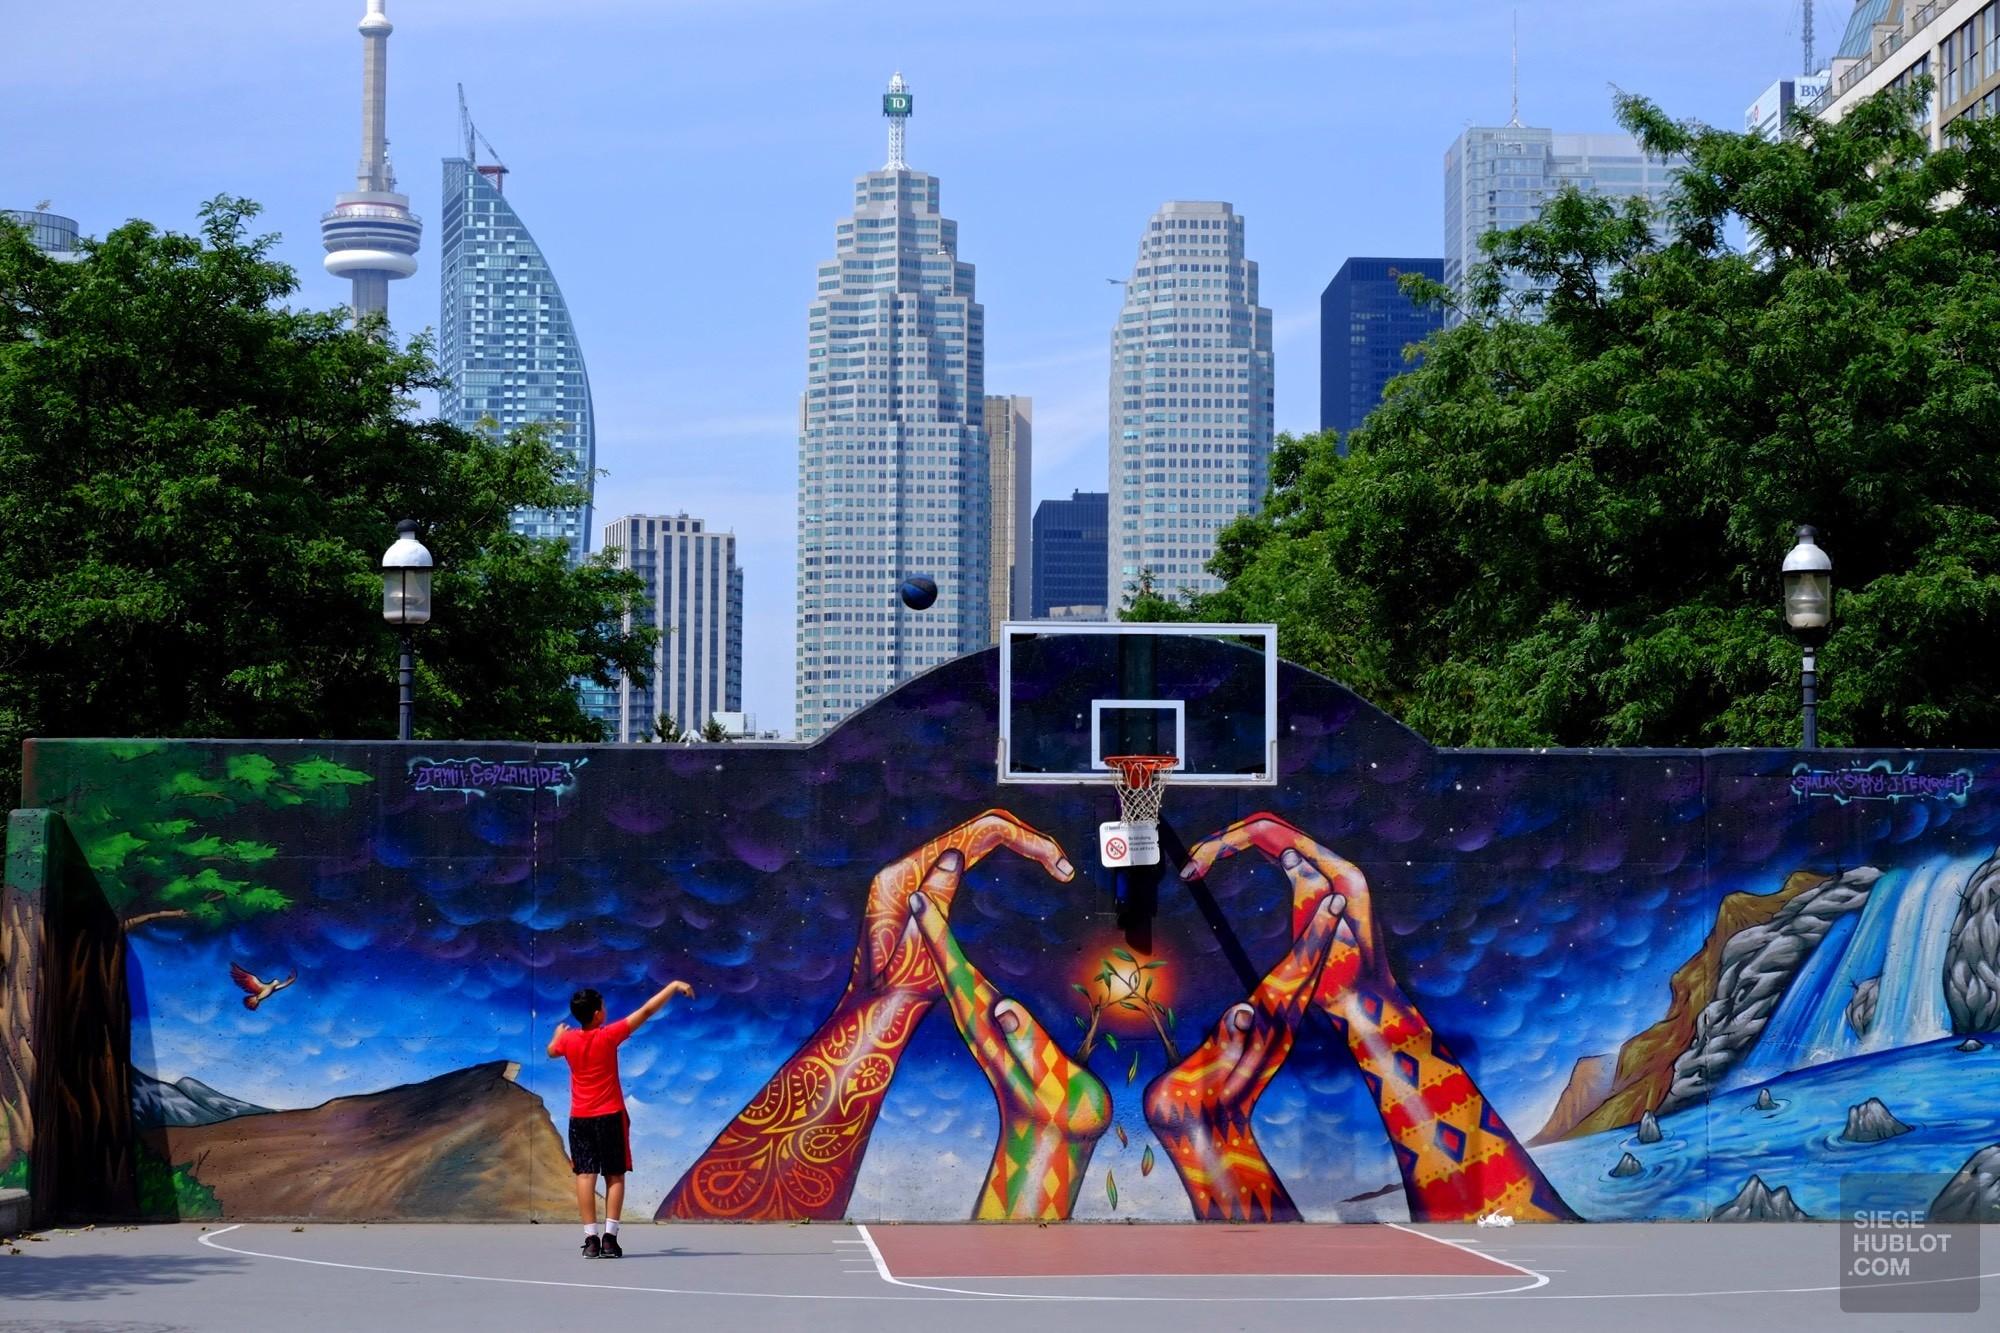 Road trip en Ontario - rode-trip, ontario, featured, destinations, canada, amerique-du-nord